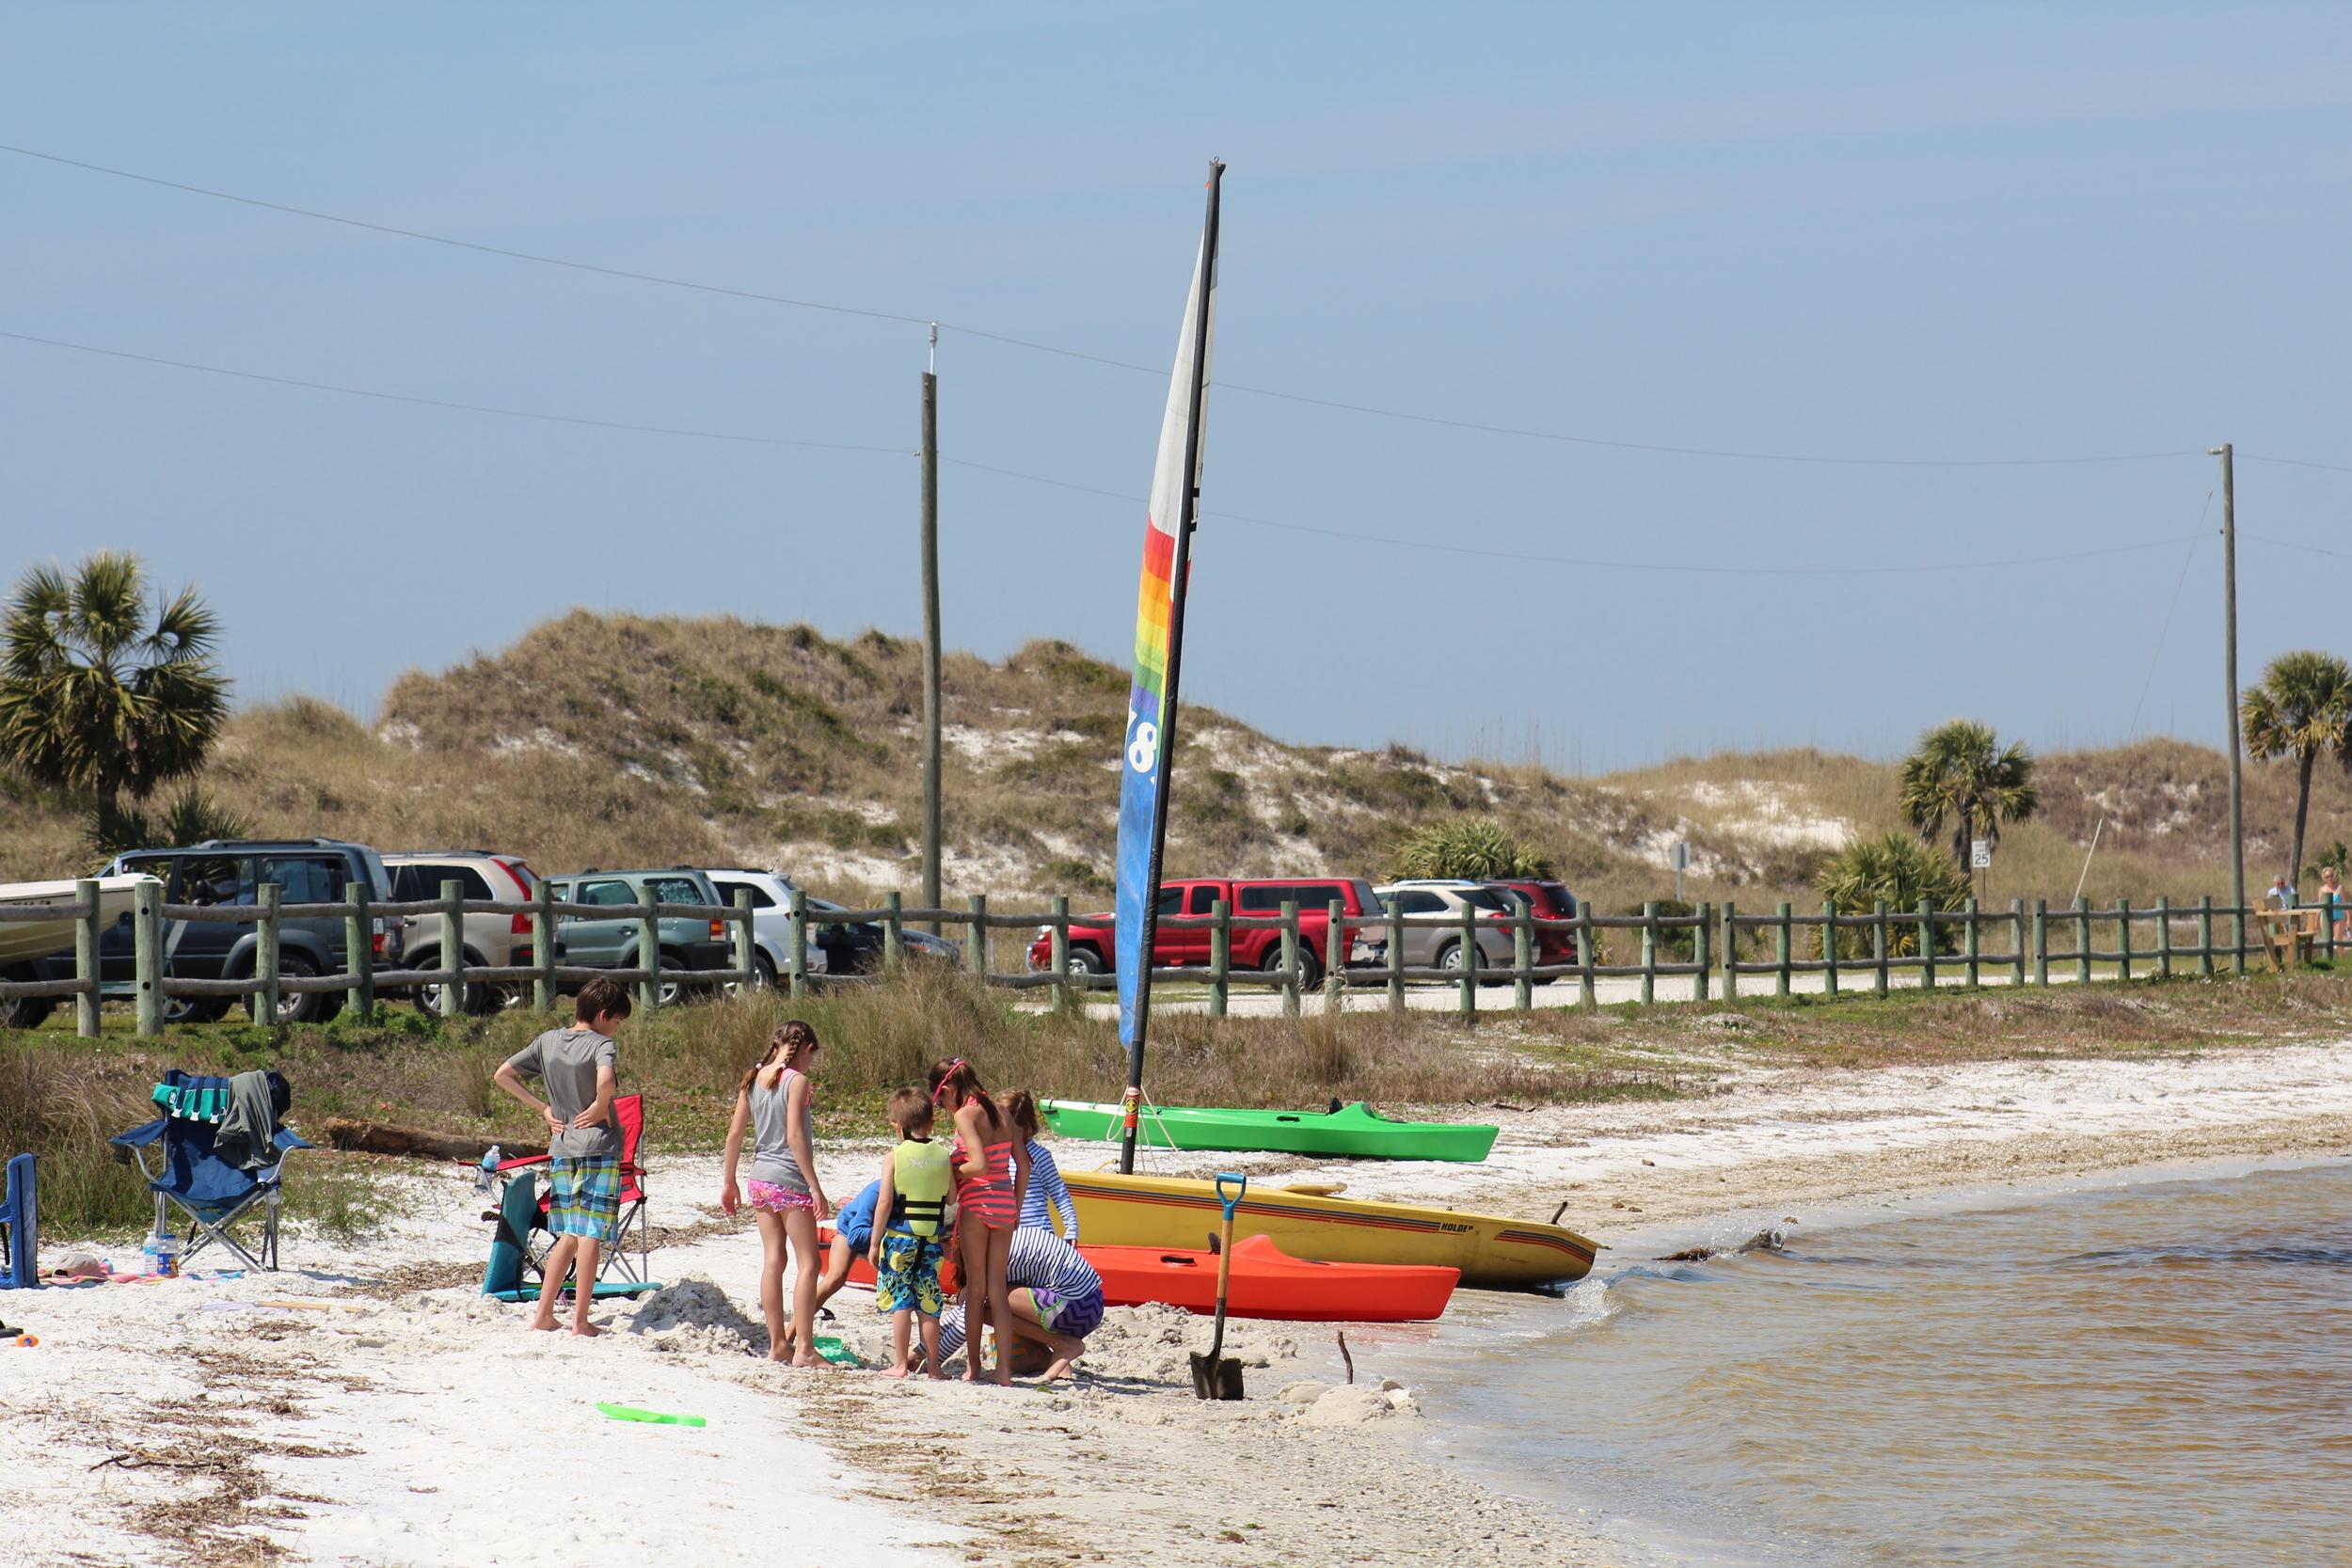 playing-bay-beach-st-joseph-peninsula-state-park